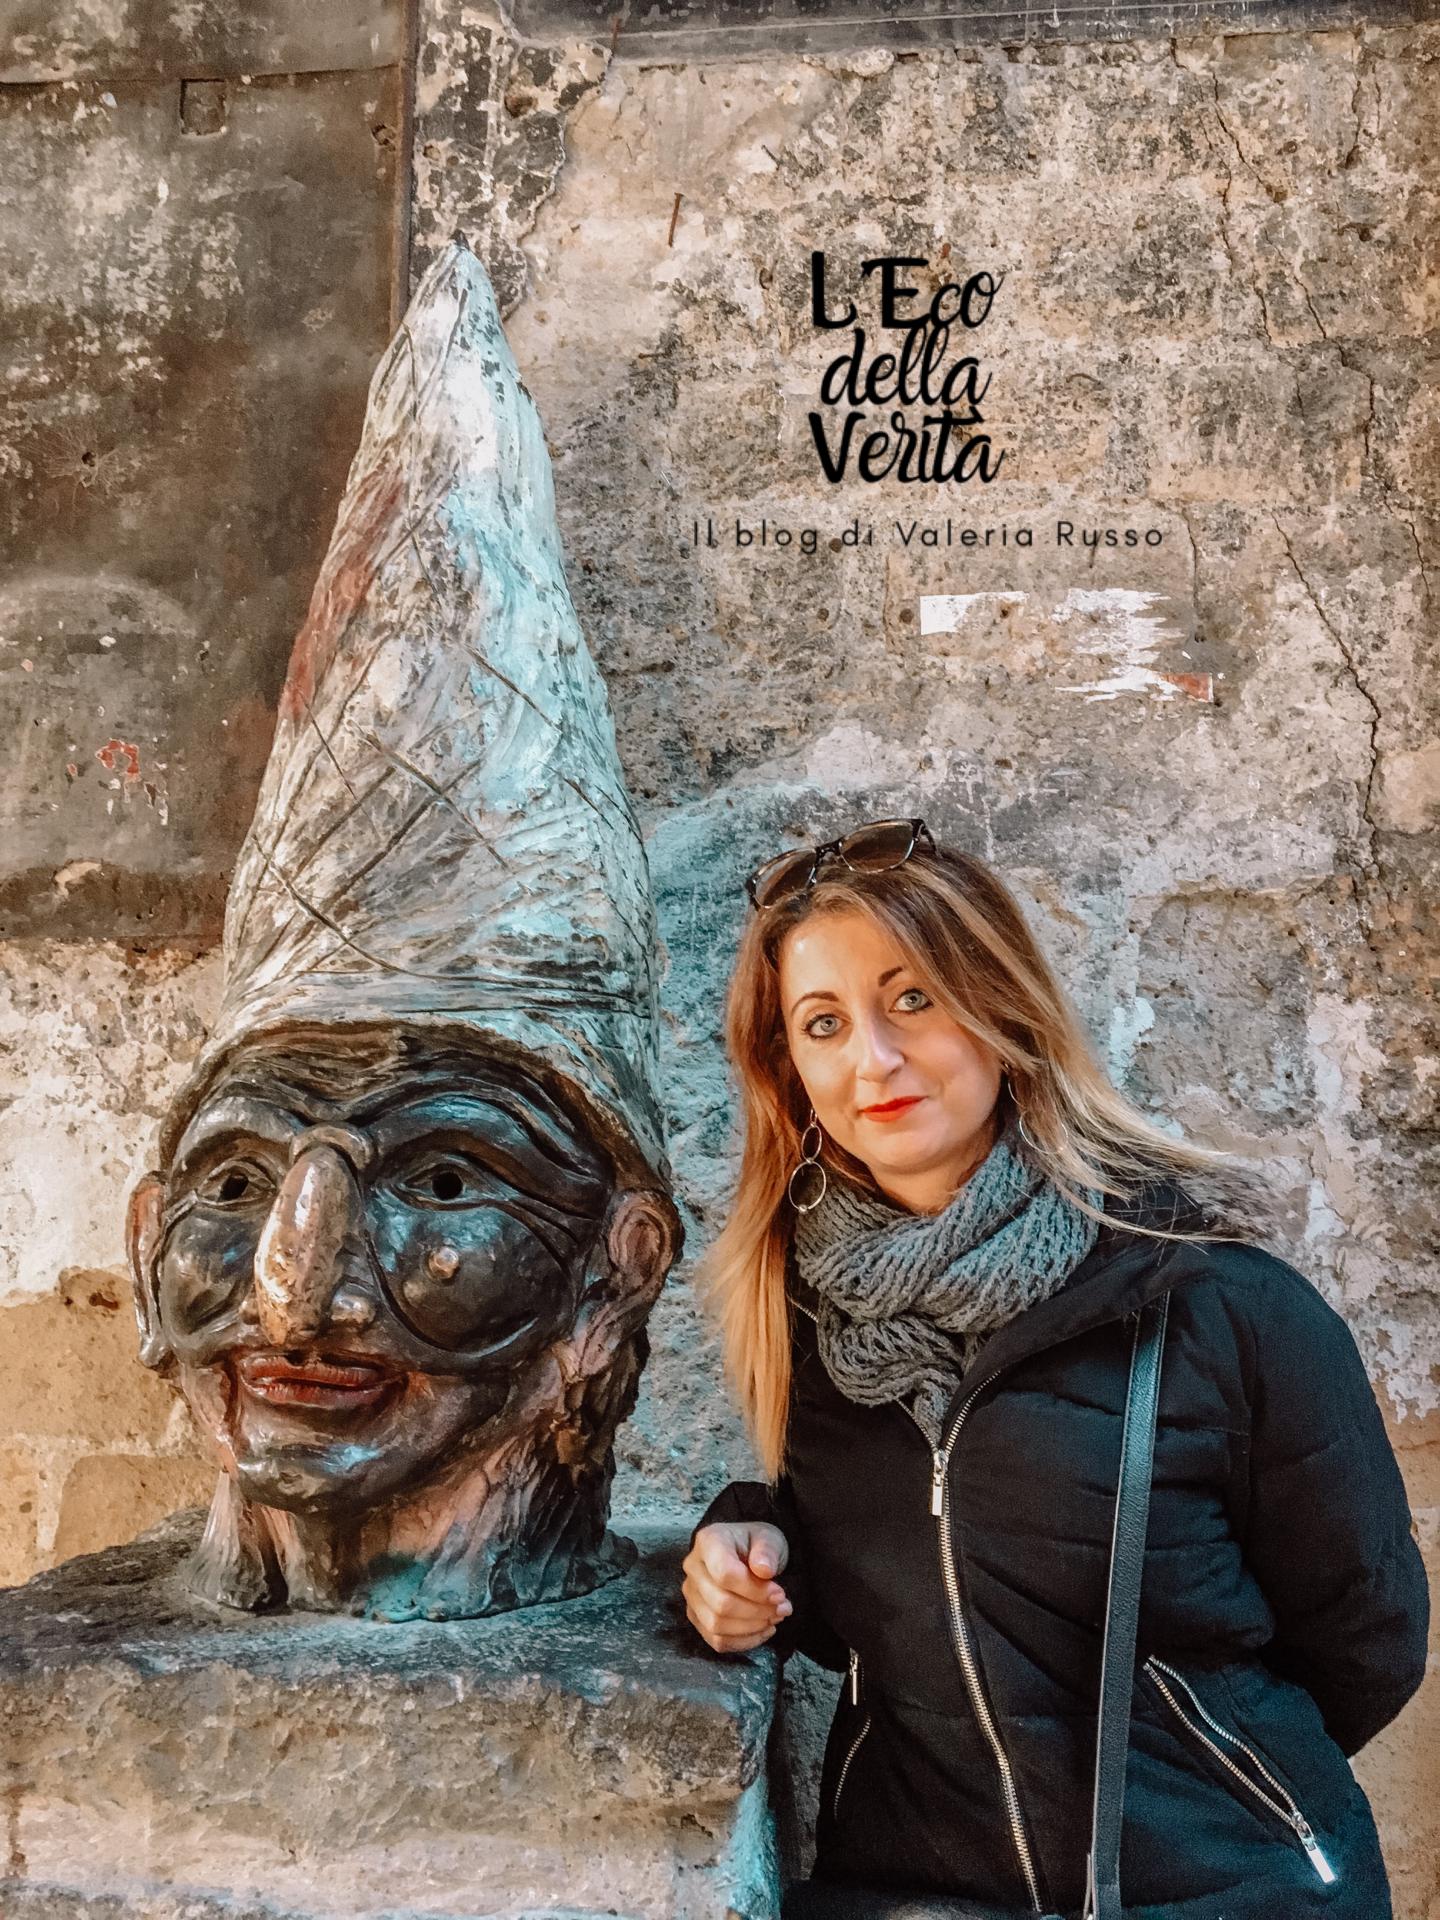 Napoli da visitare assolutamente: vico Purgatorio ad Arco e le anime pezzentelle